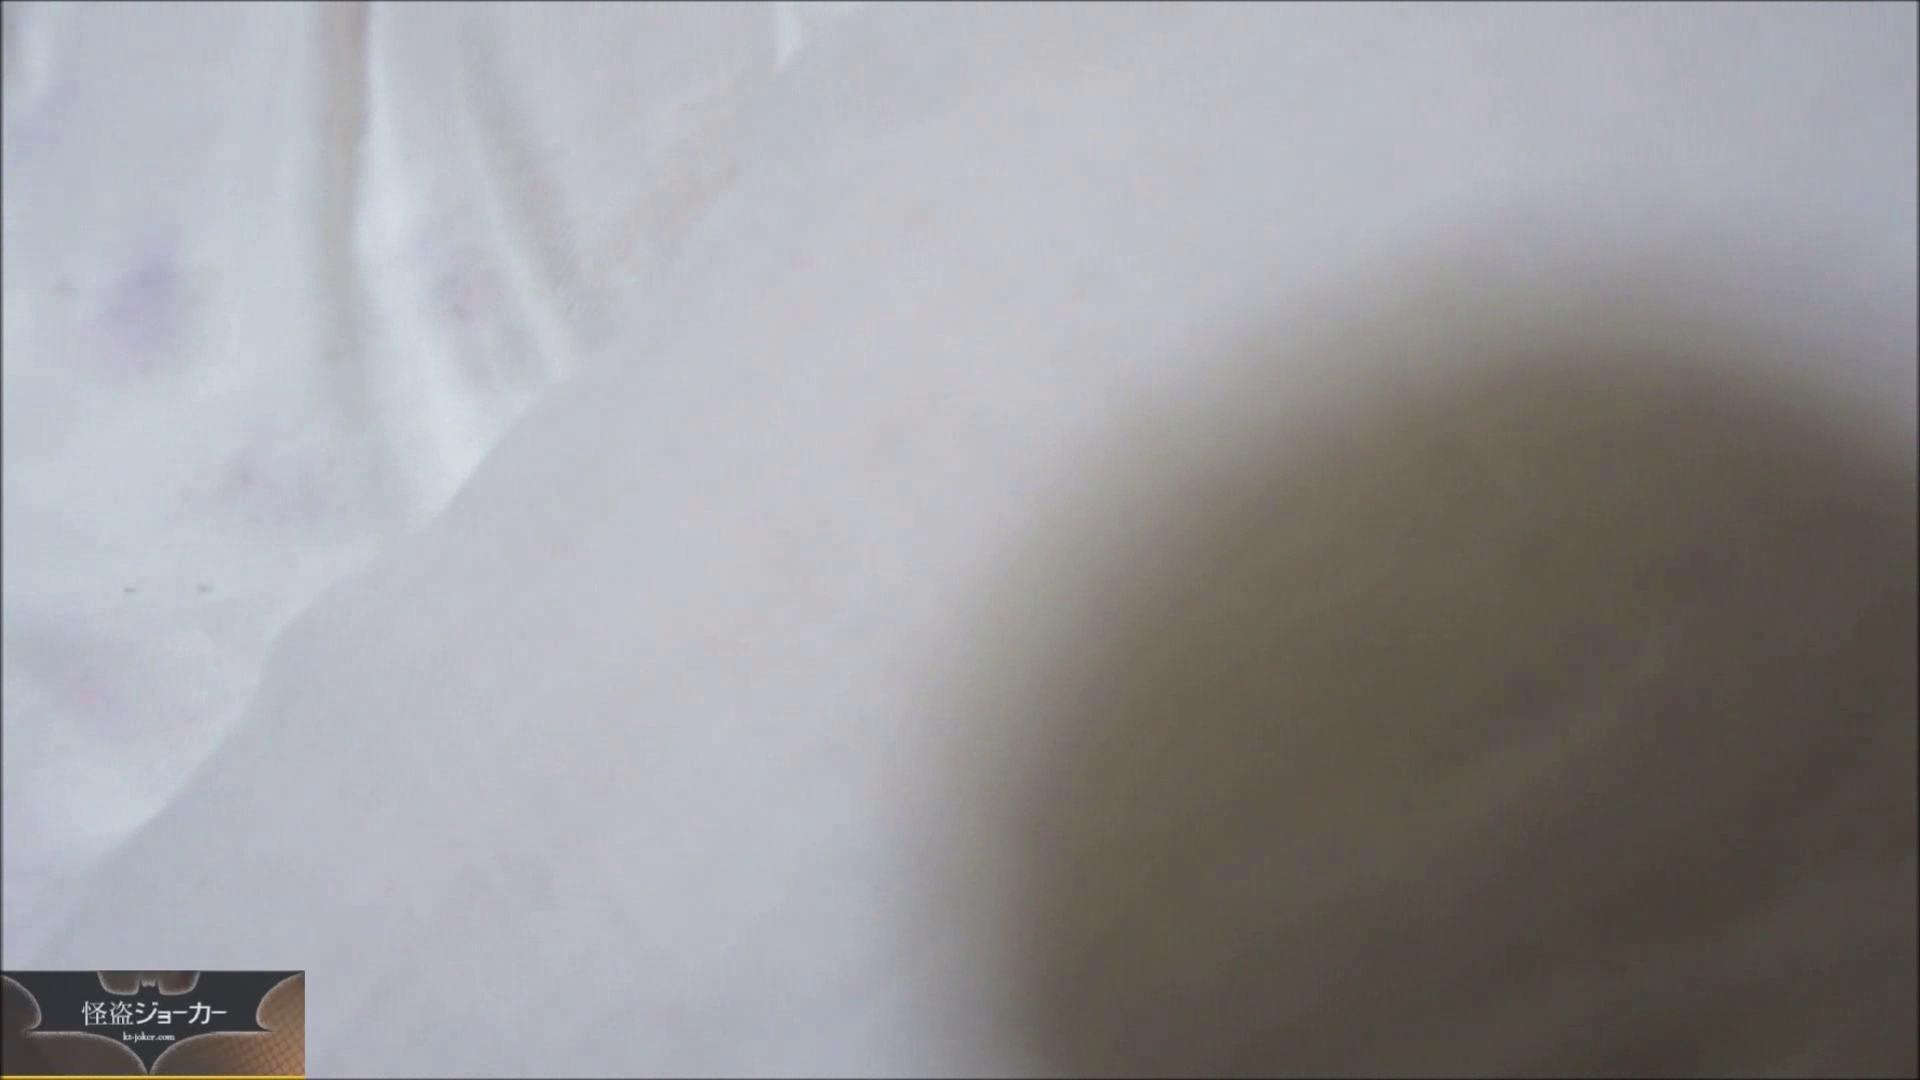 【未公開】vol.23 ユリナ、寝取られのアト。 友人のセックス  82枚 2